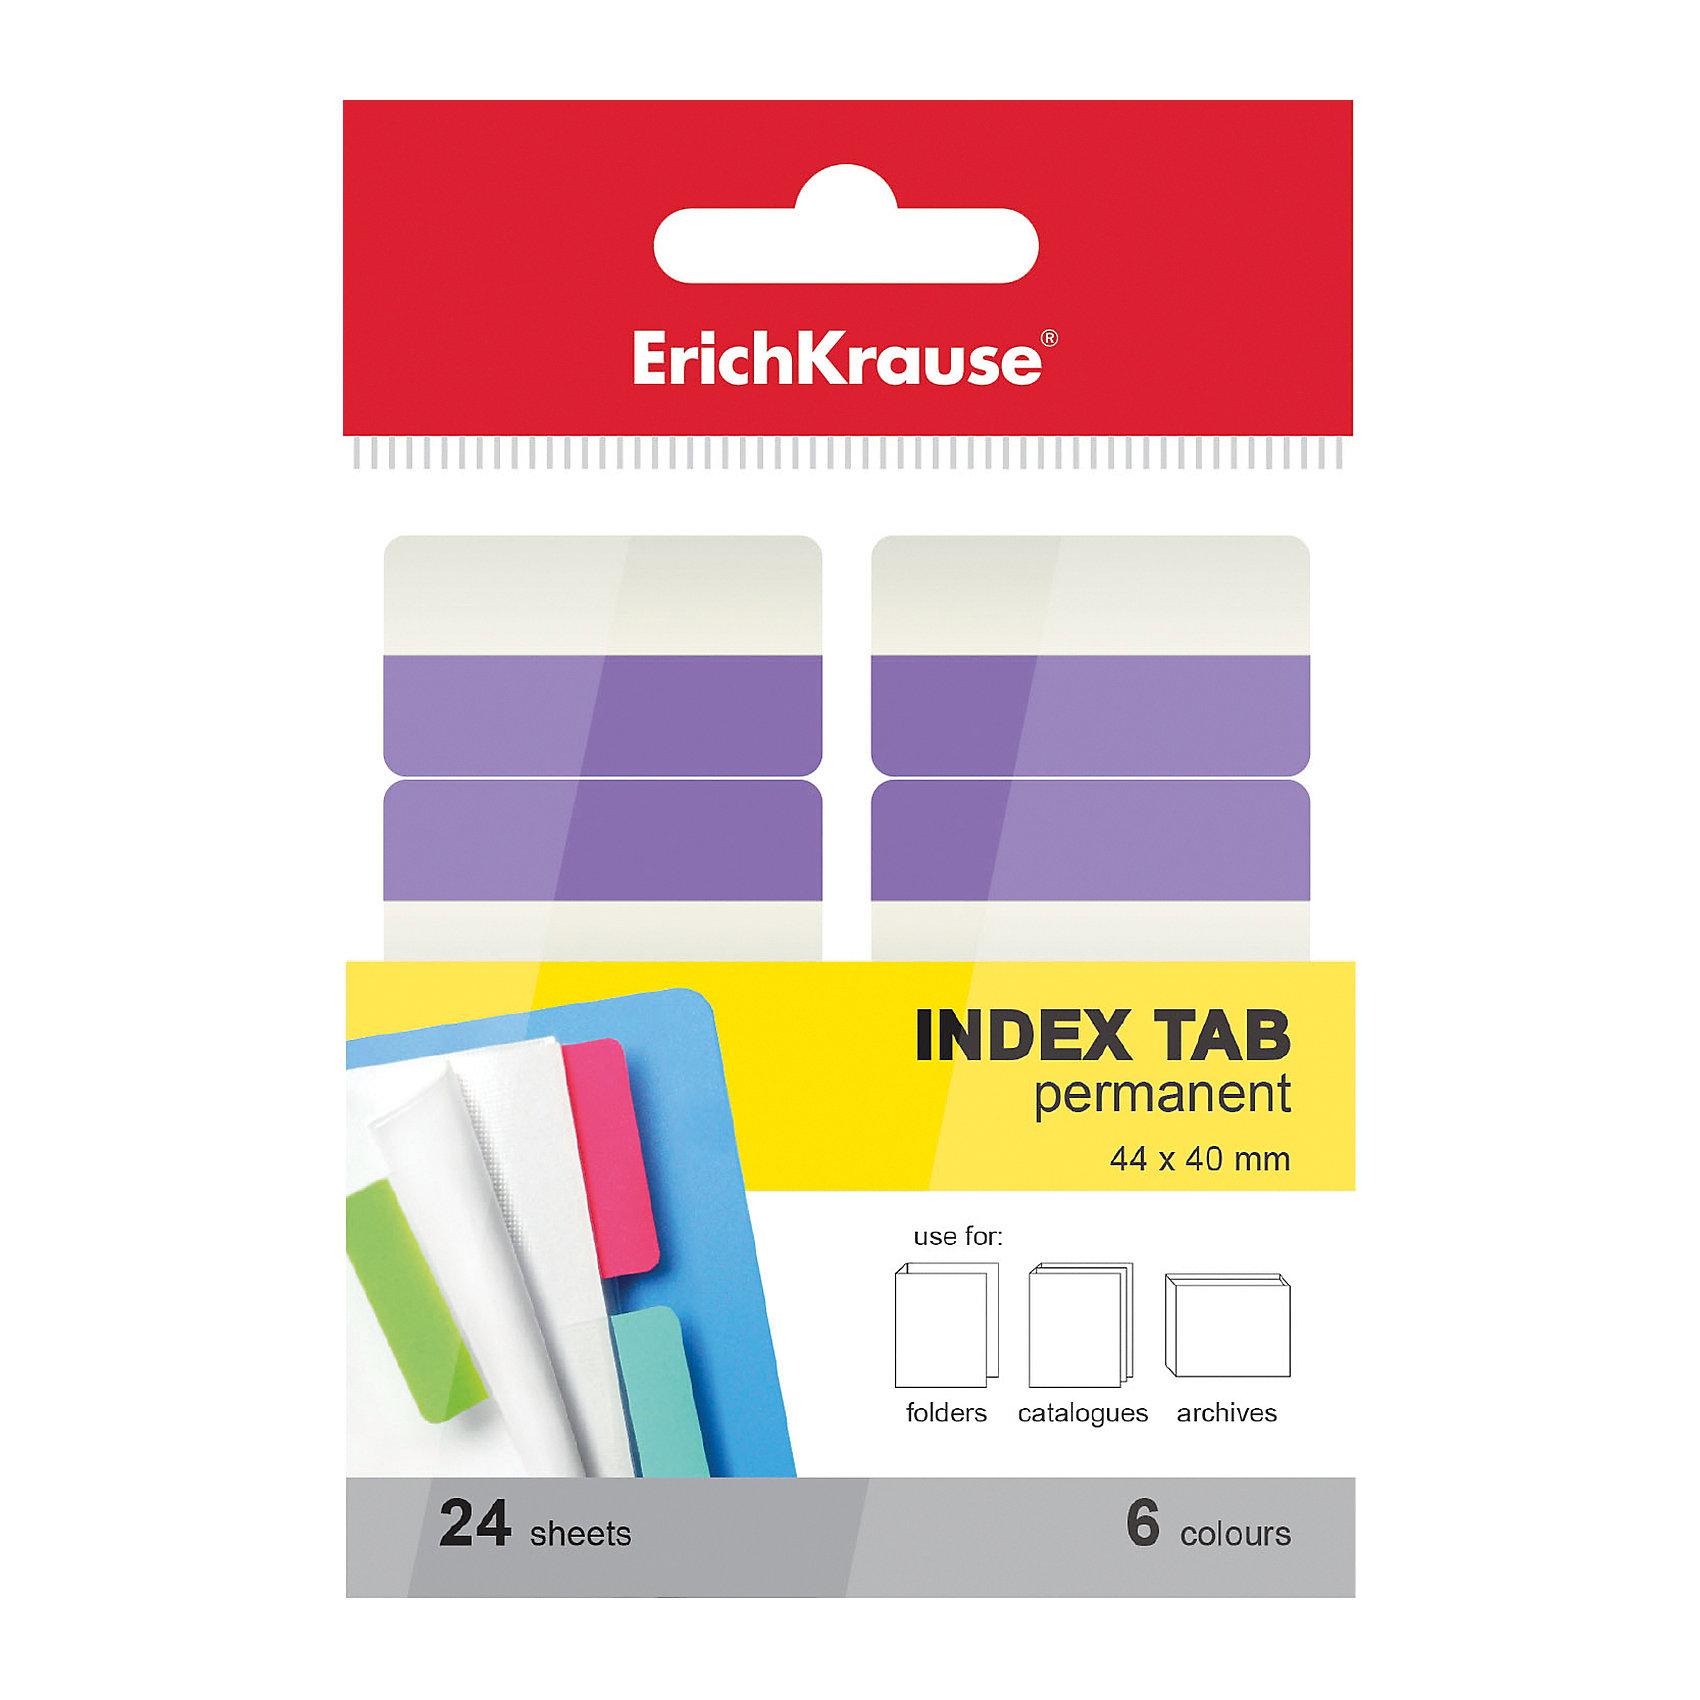 Erich Krause Архивные закладки с клеевым краем 6х44х40ммБумажная продукция<br>Характеристики товара:<br><br>• в комплекте: 24 закладки;<br>• количество цветов: 6;<br>• размер закладки: 6х44х40 мм;<br>• размер упаковки: 1,5х4х7 см;<br>• вес: 24 грамма.<br><br>С помощью набора от известного бренда Erich Krause очень удобно делать закладки, чтобы быстро находить нужную информацию. В комплект входят 24 закладки, выполненных в шести ярких цветах. Клеевой край легко приклеивается практически к любой поверхности. Не оставляет следов после использования. Подходит только для однократного применения.<br><br>Erich Krause (Эрих Краузе) Архивные закладки с клеевым краем  6х44х40мм можно купить в нашем интернет-магазине.<br><br>Ширина мм: 70<br>Глубина мм: 40<br>Высота мм: 15<br>Вес г: 24<br>Возраст от месяцев: 144<br>Возраст до месяцев: 2147483647<br>Пол: Унисекс<br>Возраст: Детский<br>SKU: 6878856